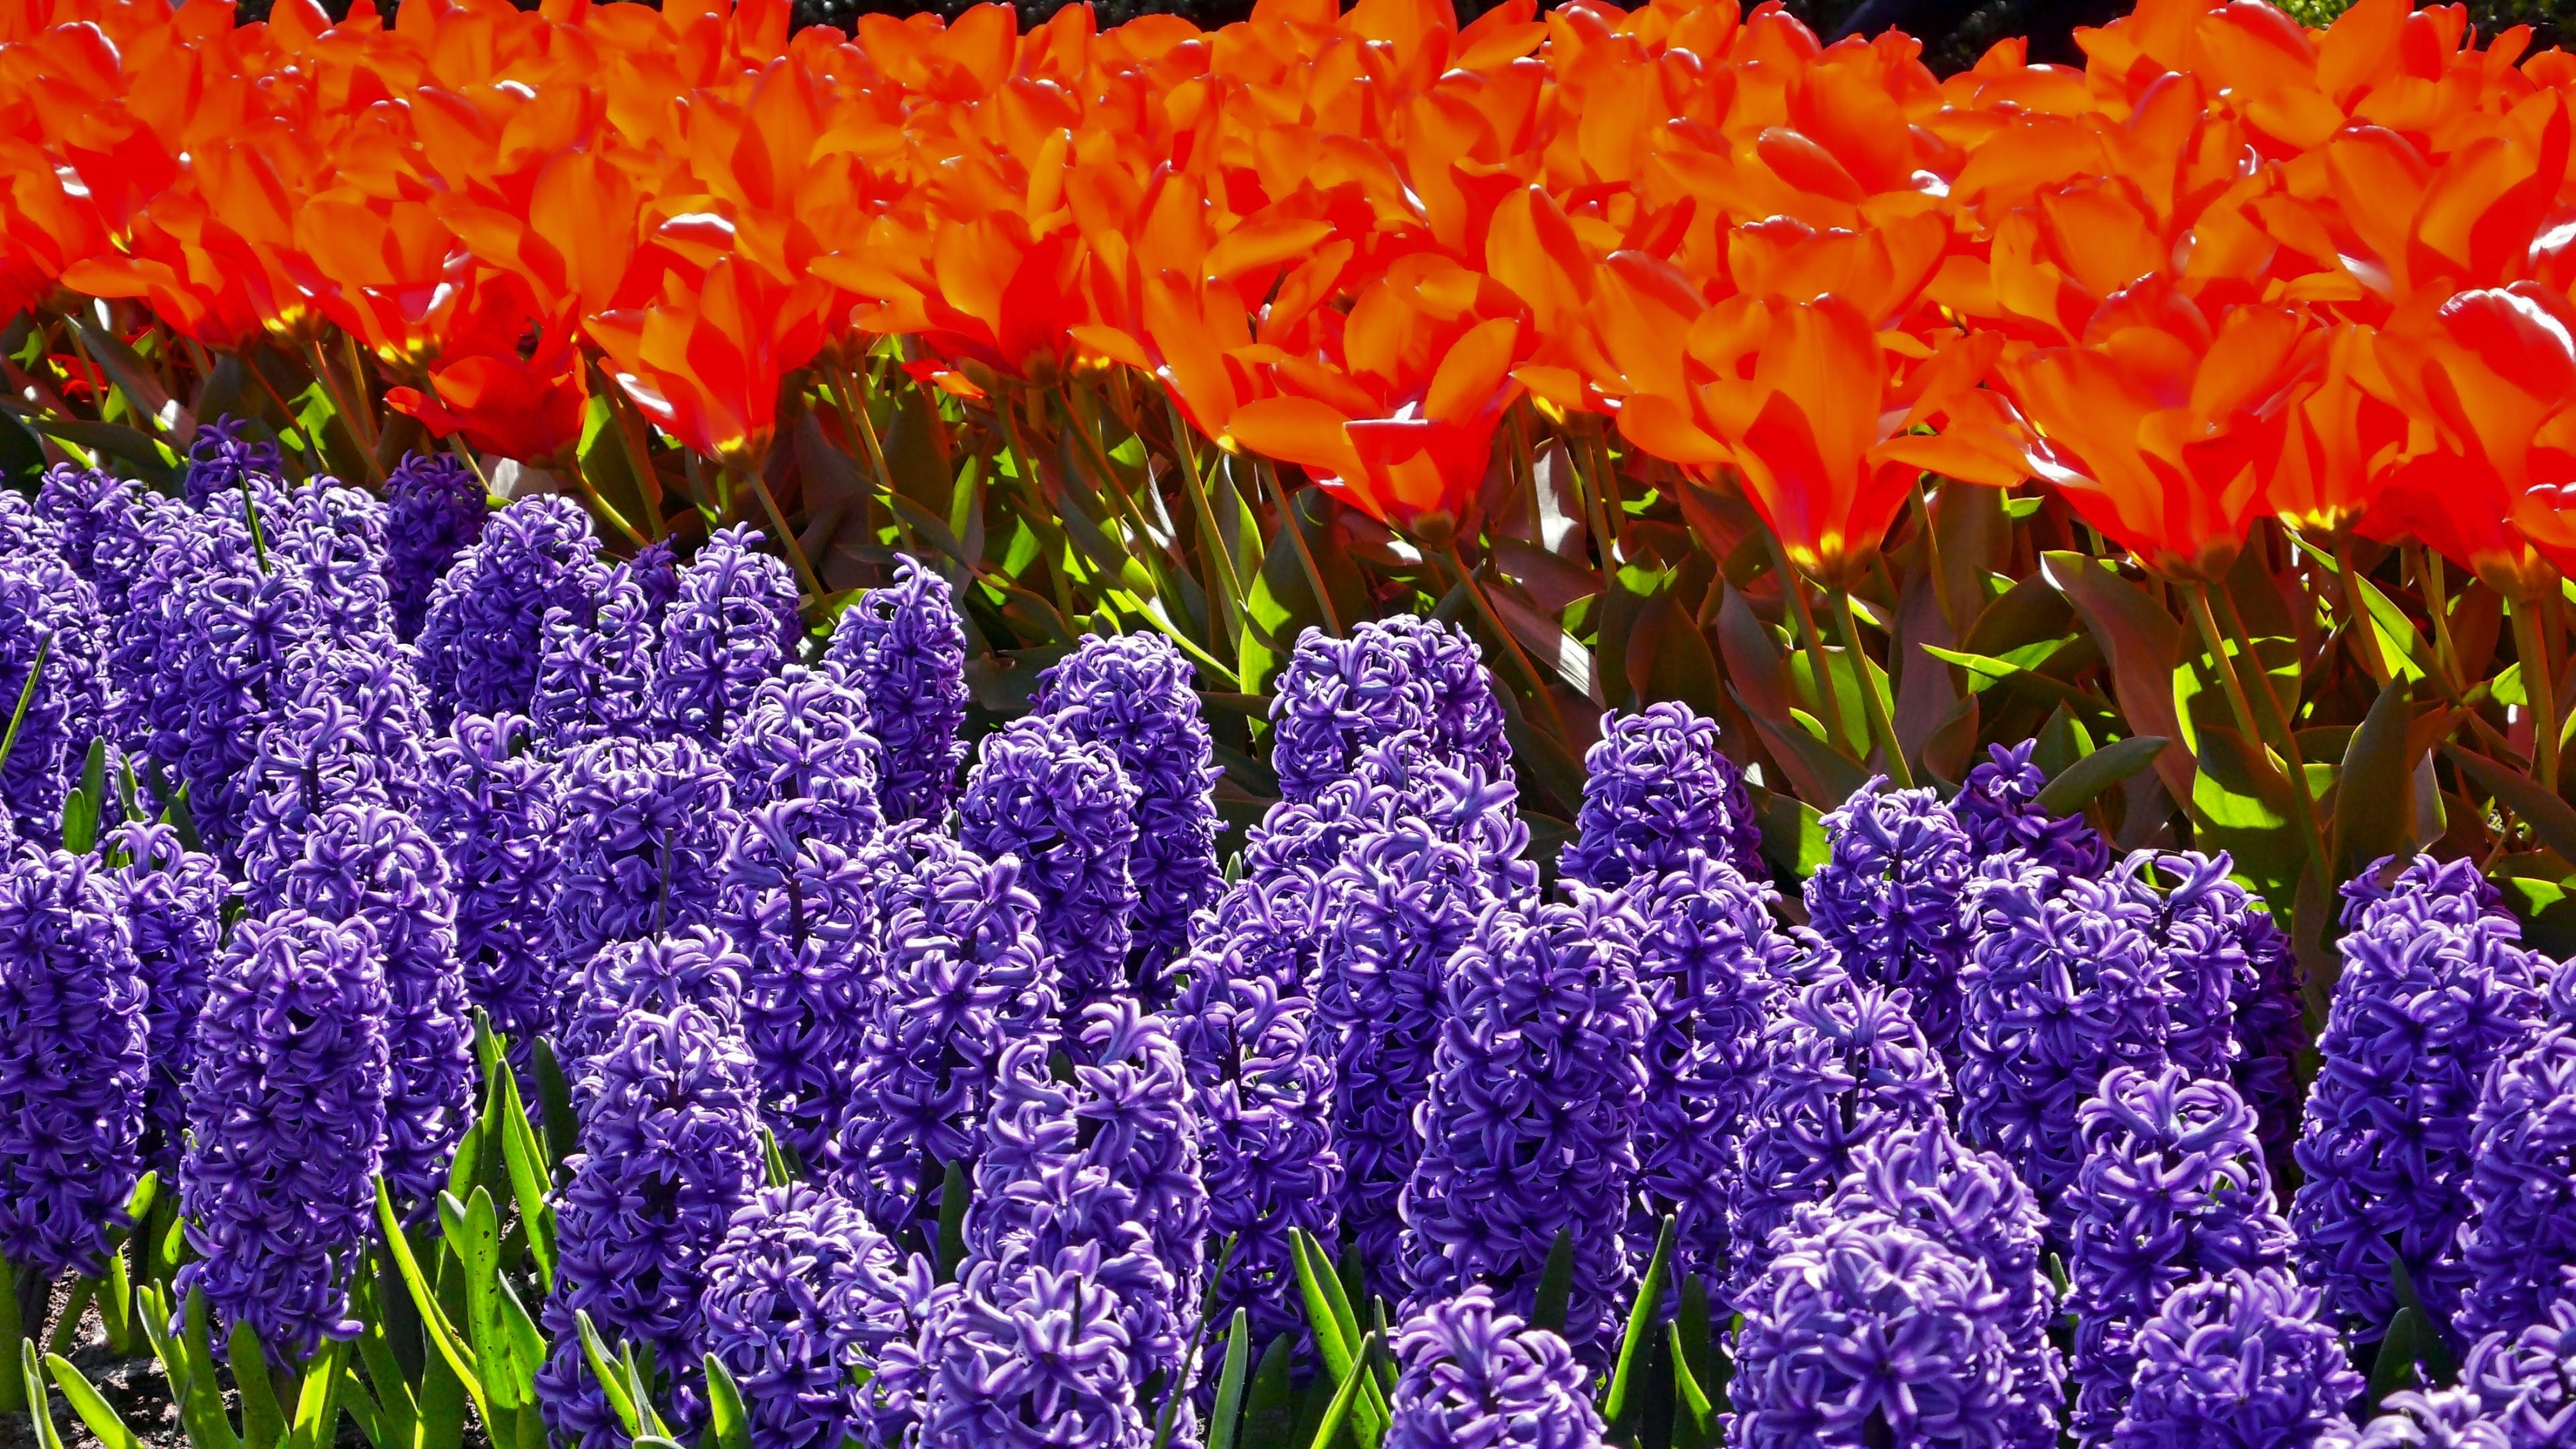 hintergrundbilder frühlingsblumen kostenlos